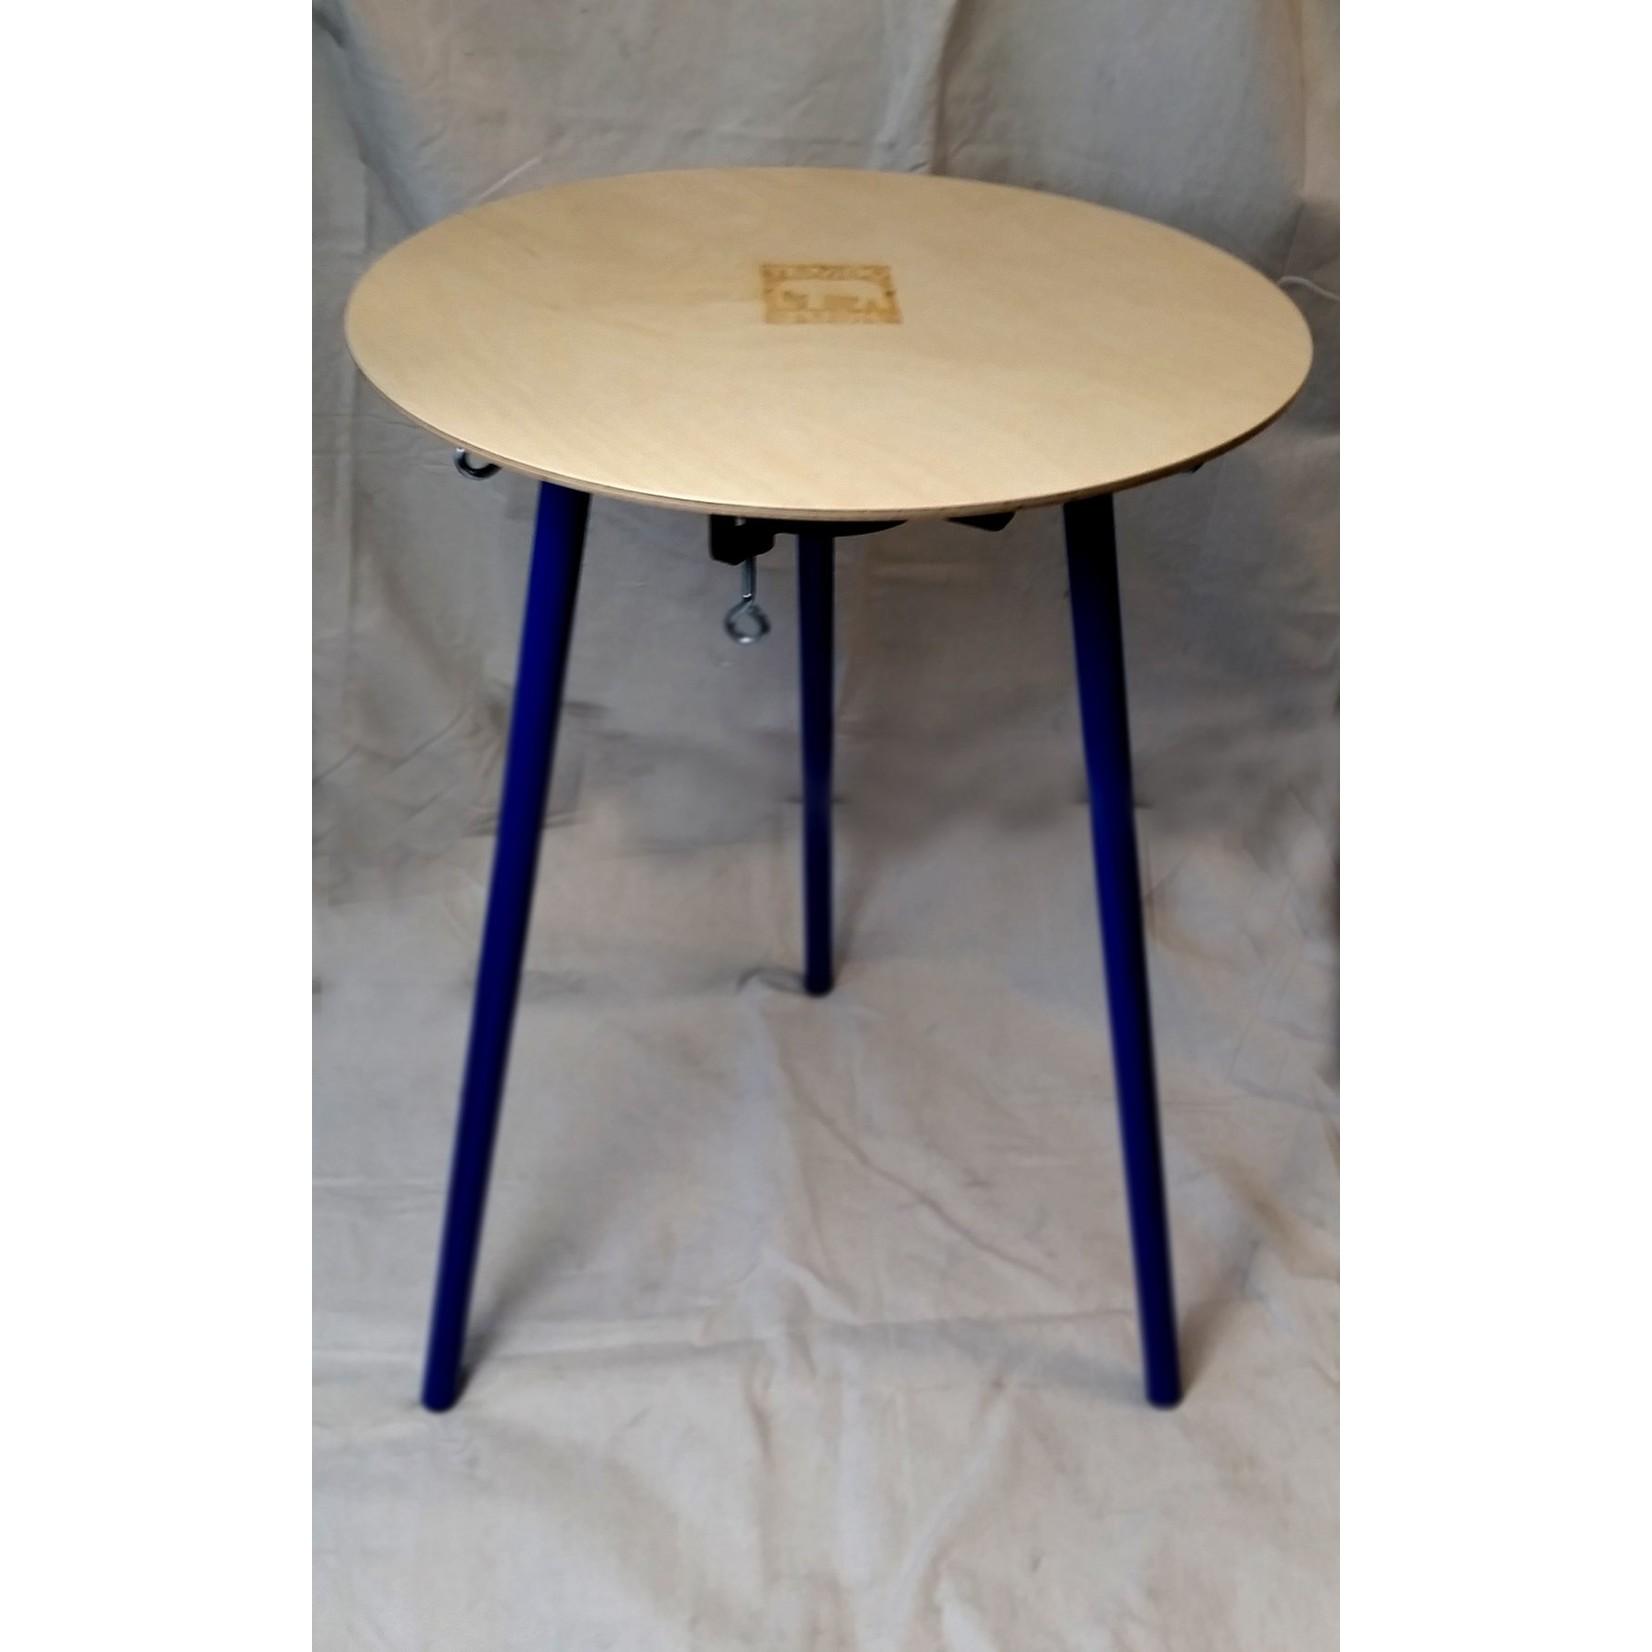 Tembo Tusk Tembo Tusk Skottle Table Top